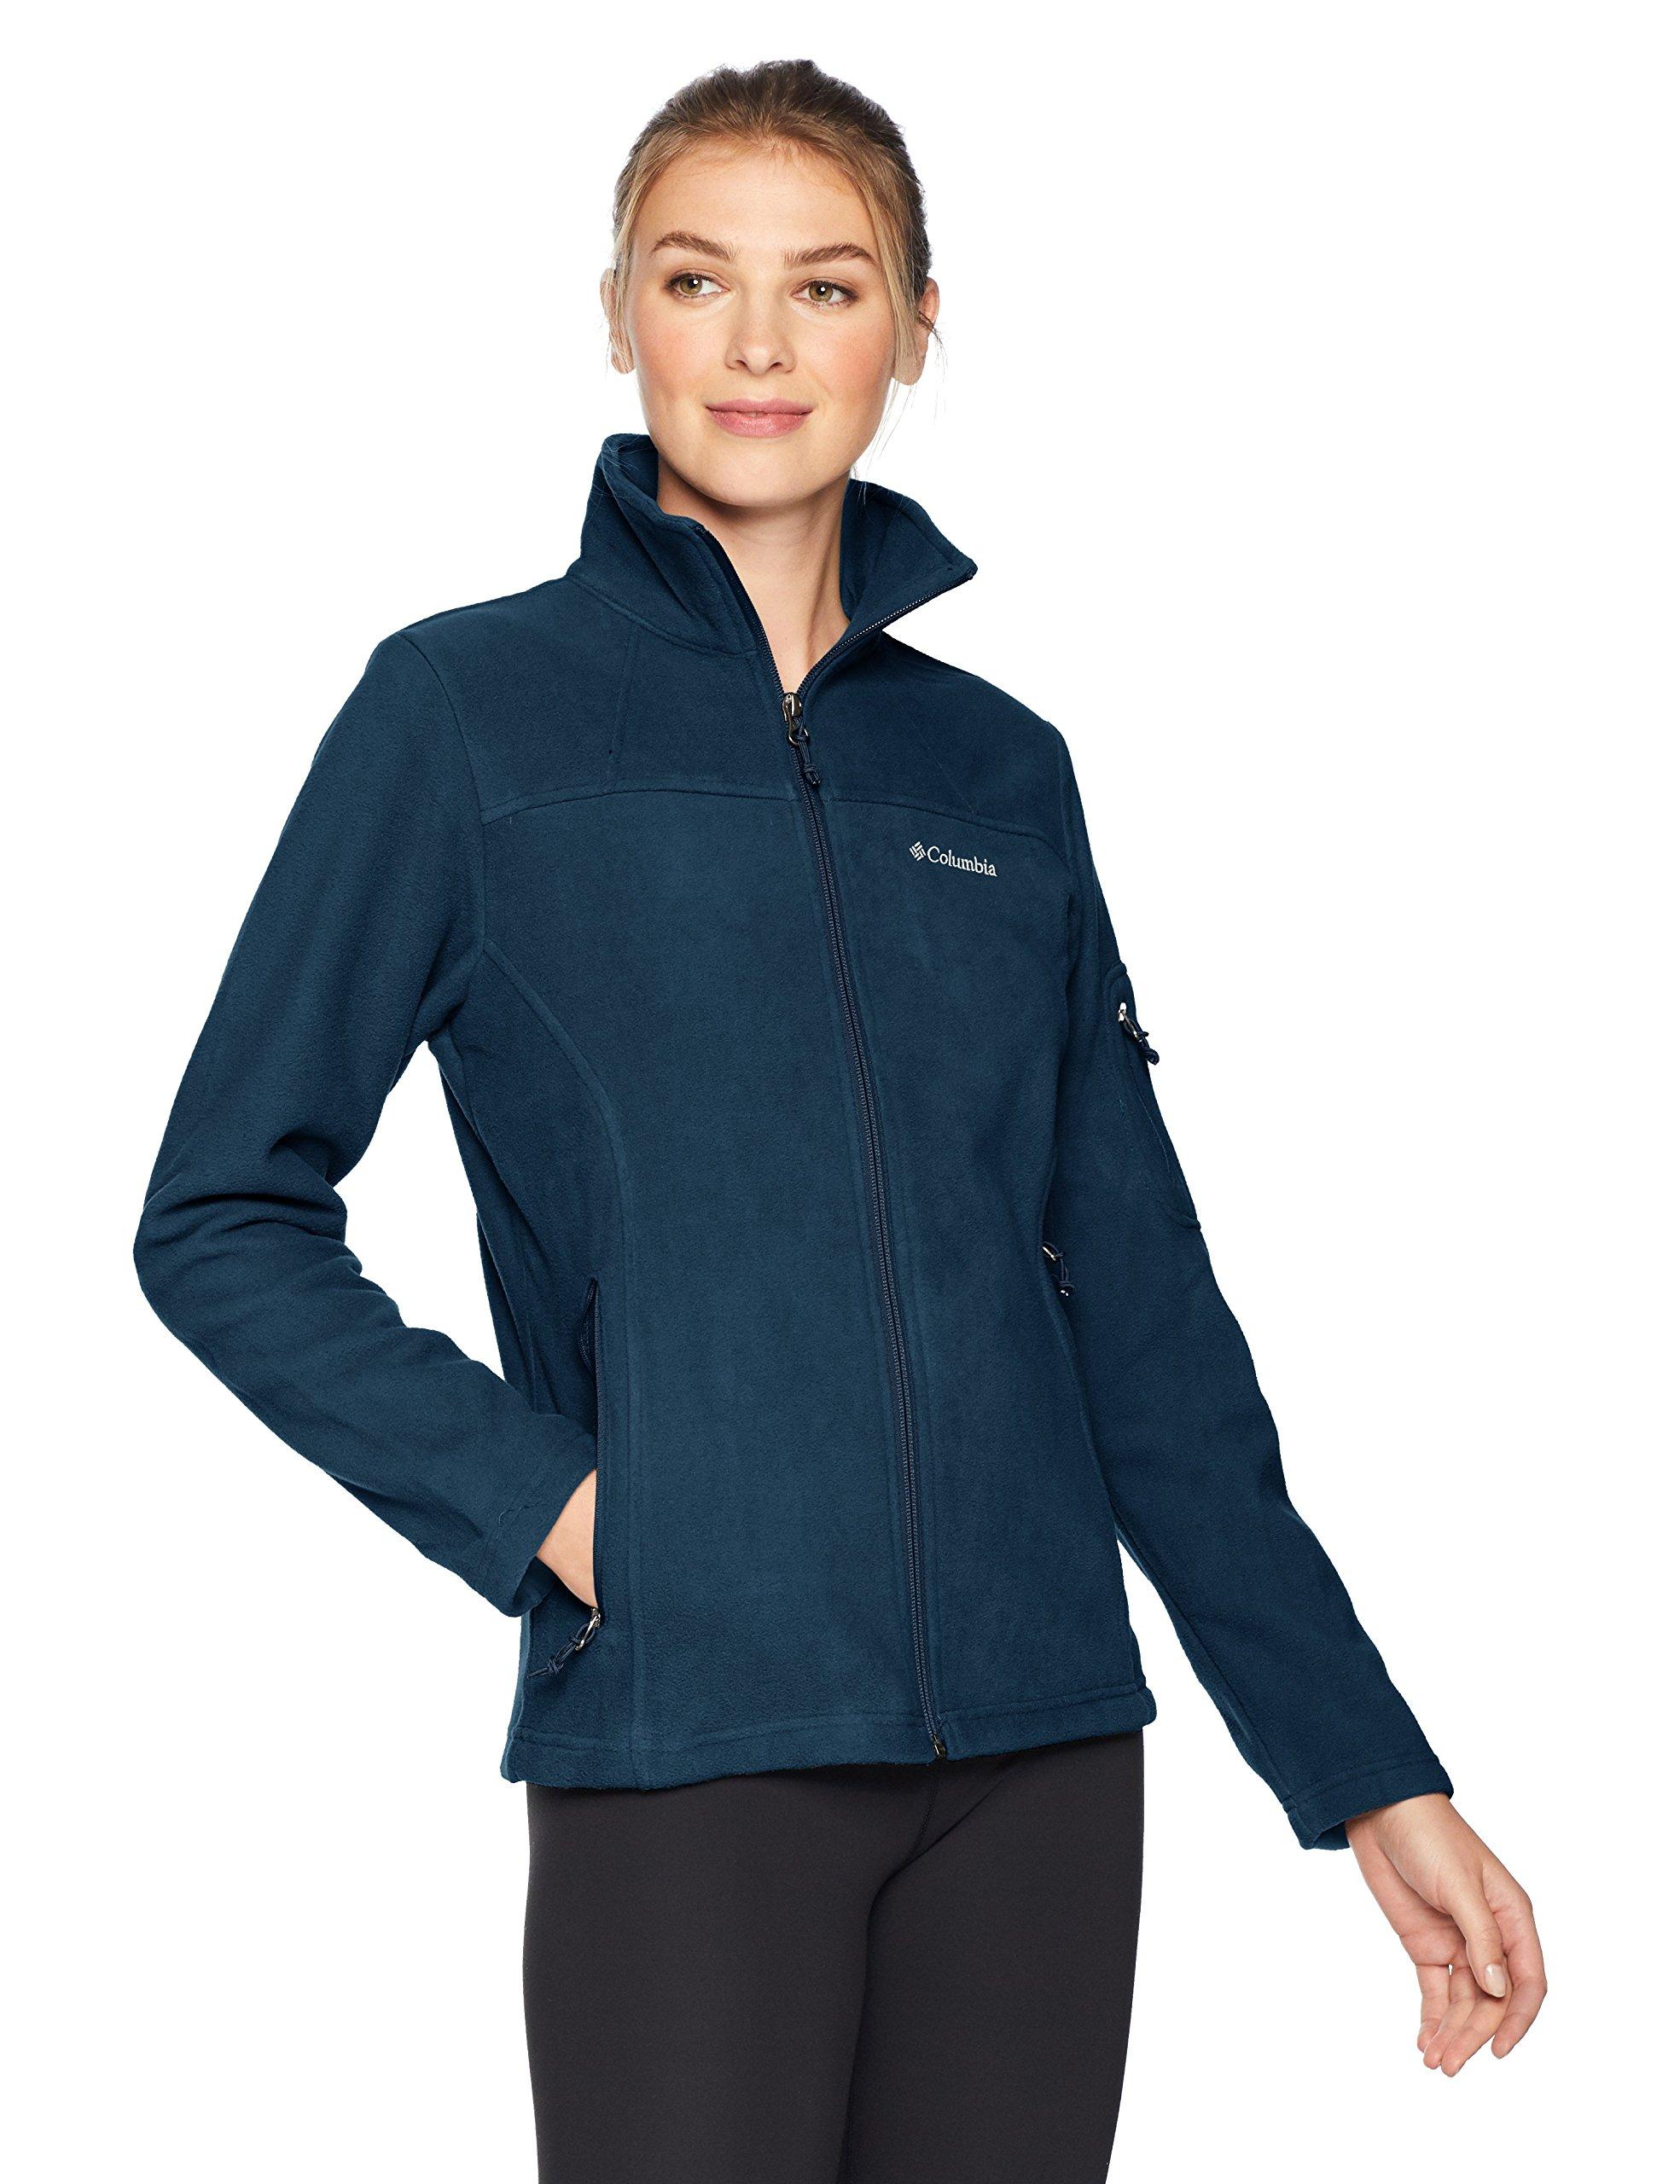 Columbia Women's Fast Trek II Full Zip Fleece Jacket Navy, S